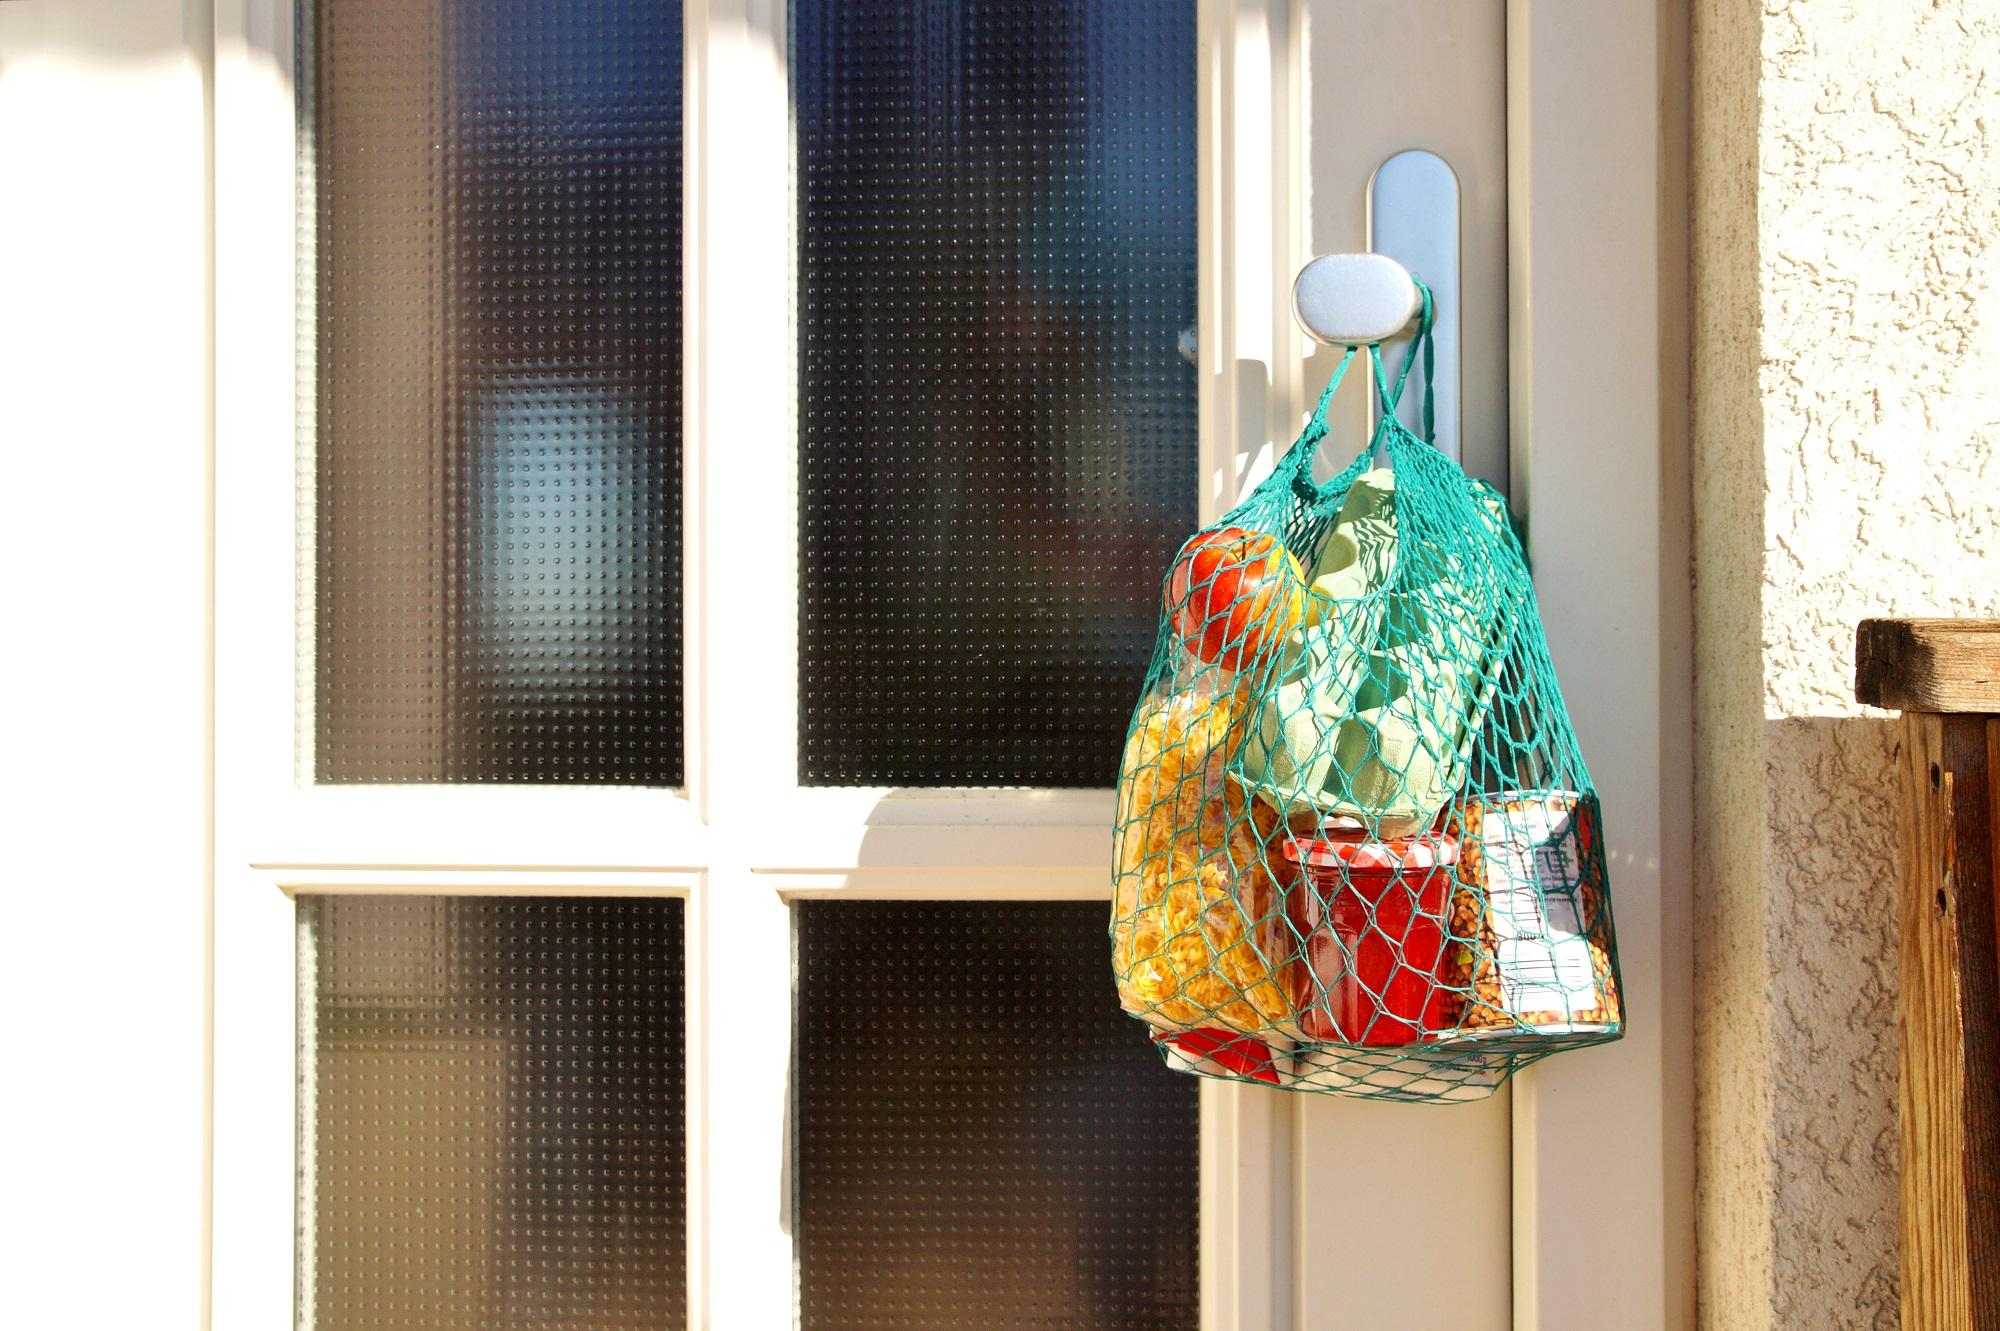 Ein mit Lebensmitteln gefüllter Stoffbeutel hängt an der Türklinke eines Wohnhauses.